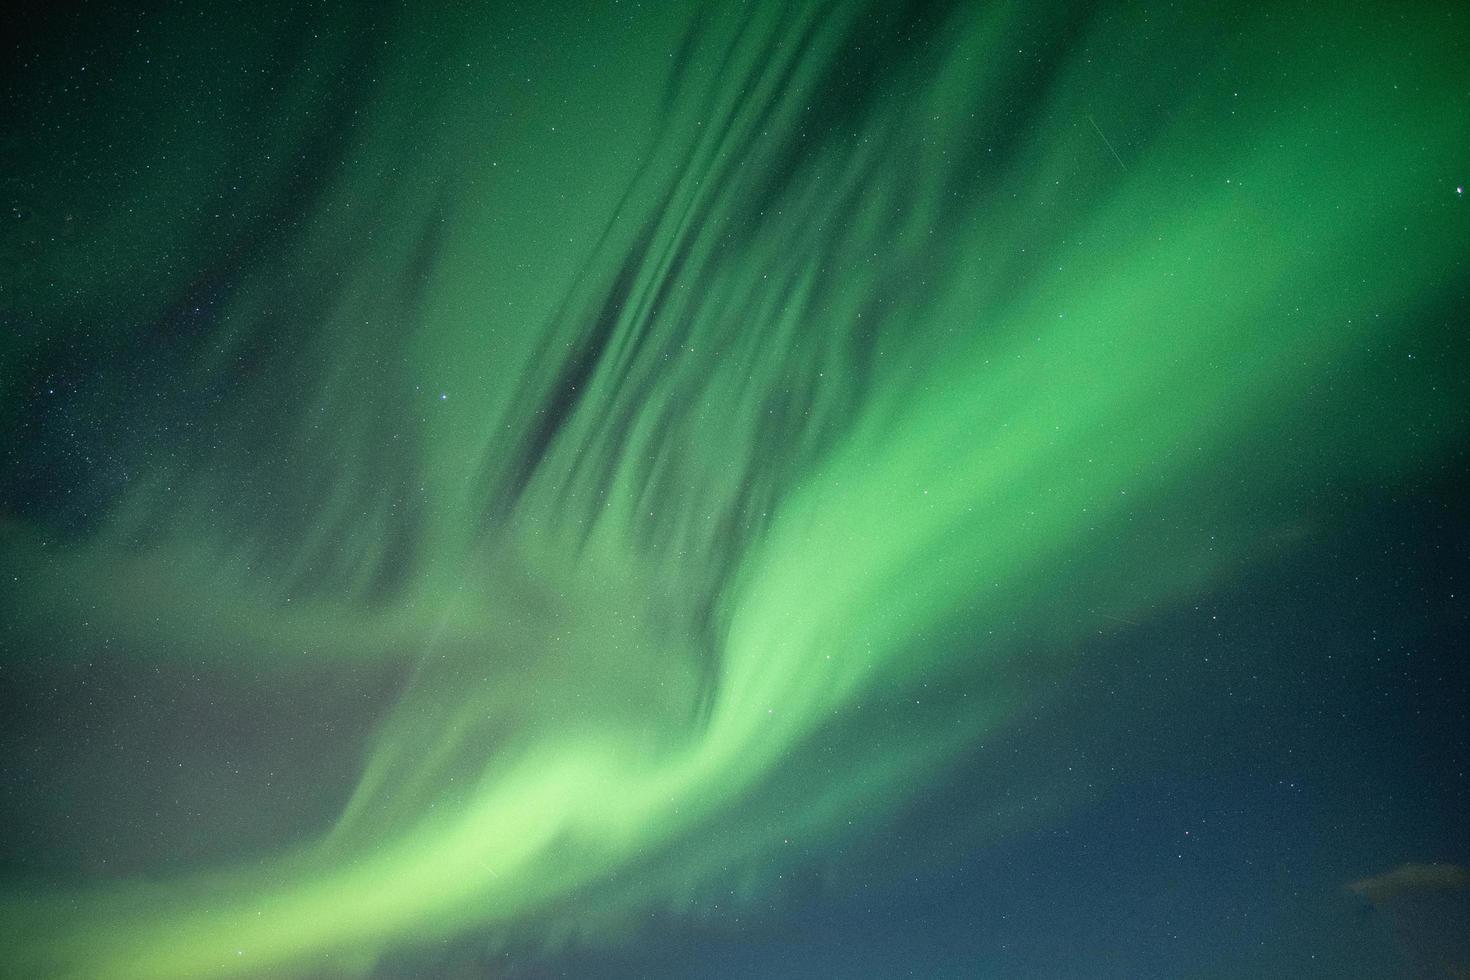 aurores boréales dansant sur le ciel nocturne photo